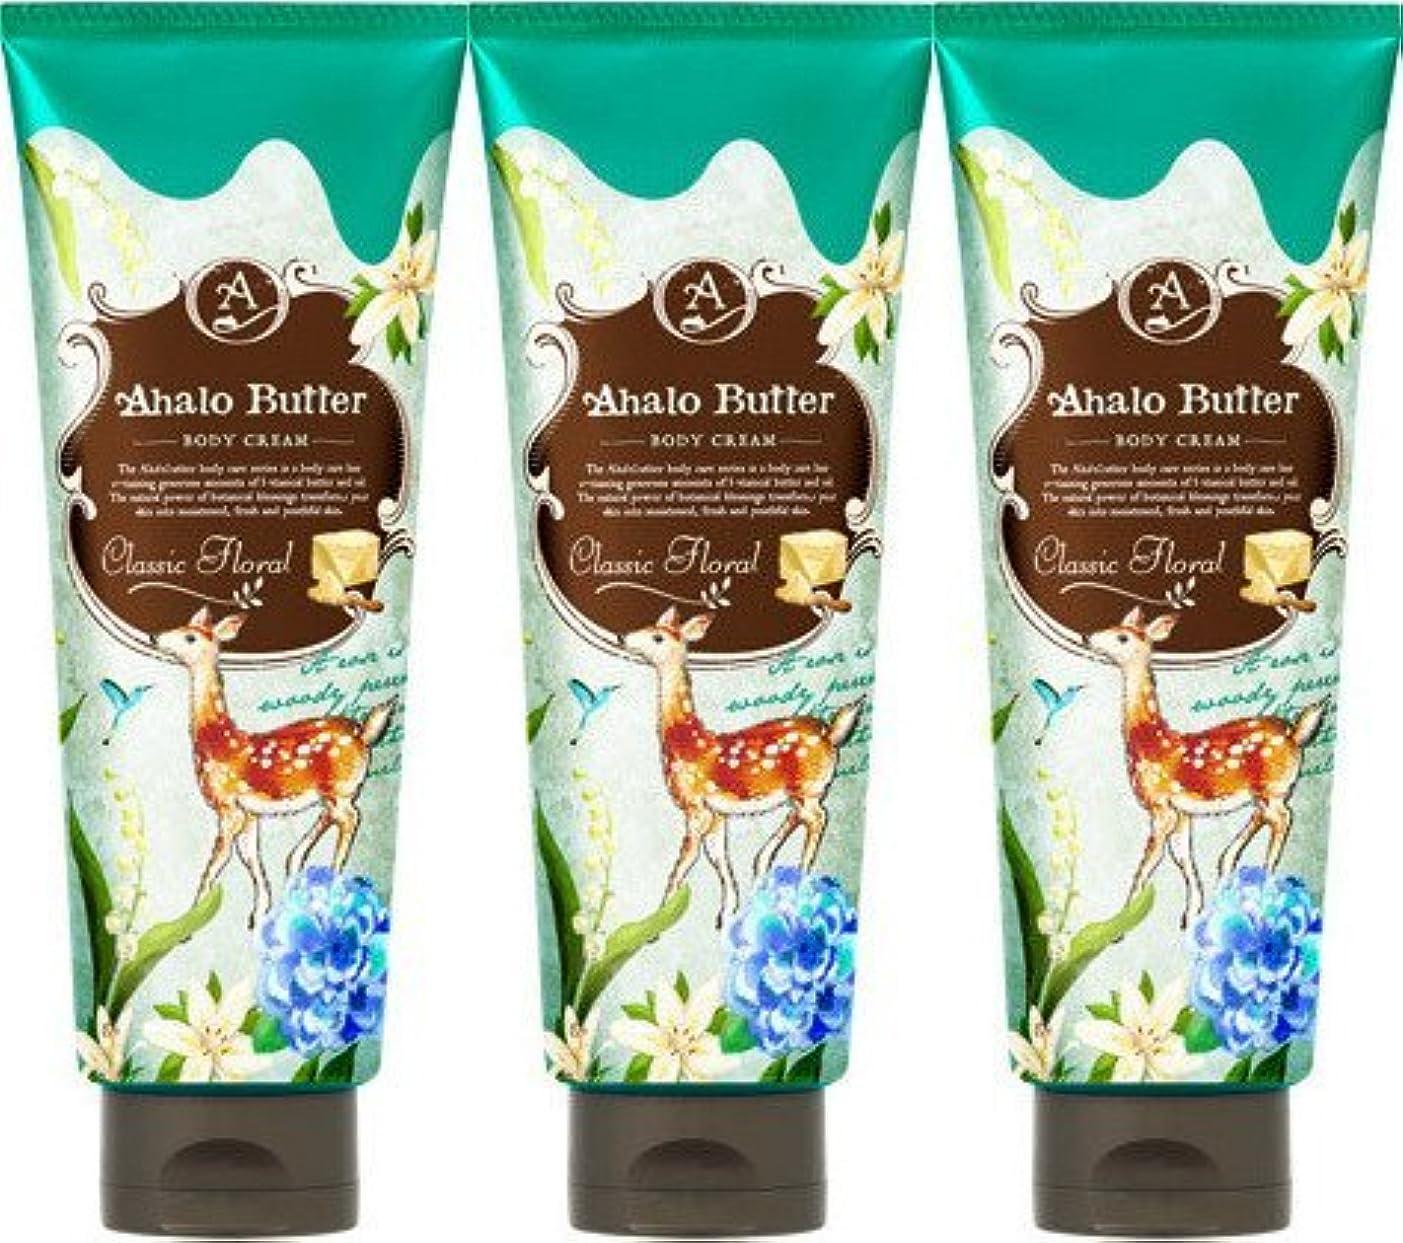 控えめな表面的なステープル【3個セット】Ahalo butter(アハロバター) ボディクリーム クラシックフローラル 150g